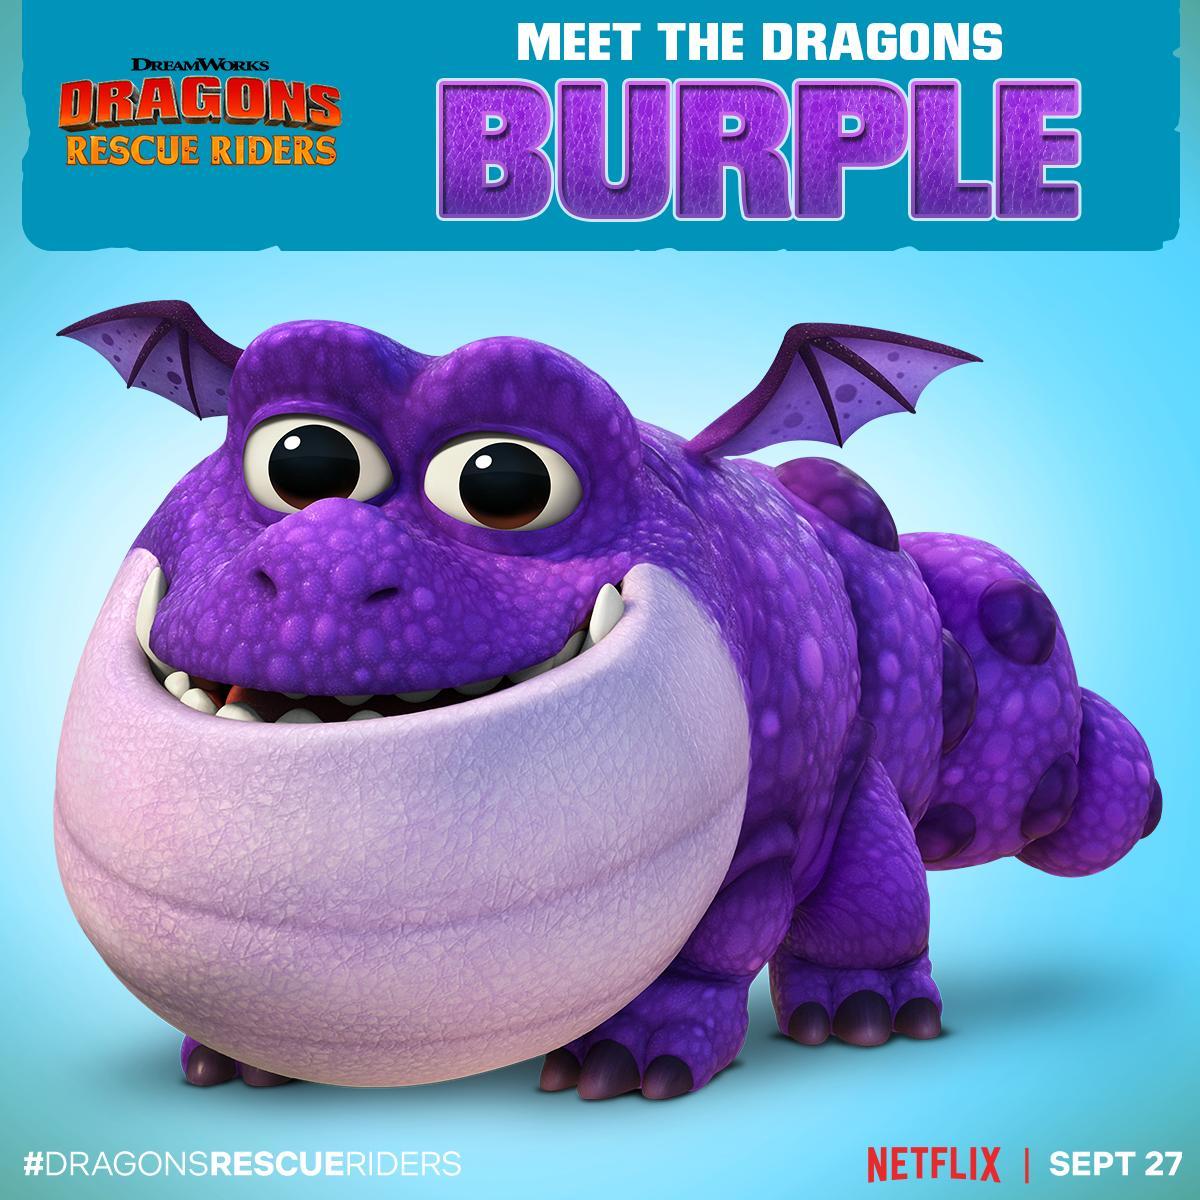 DreamWorks Jr. on Twitter